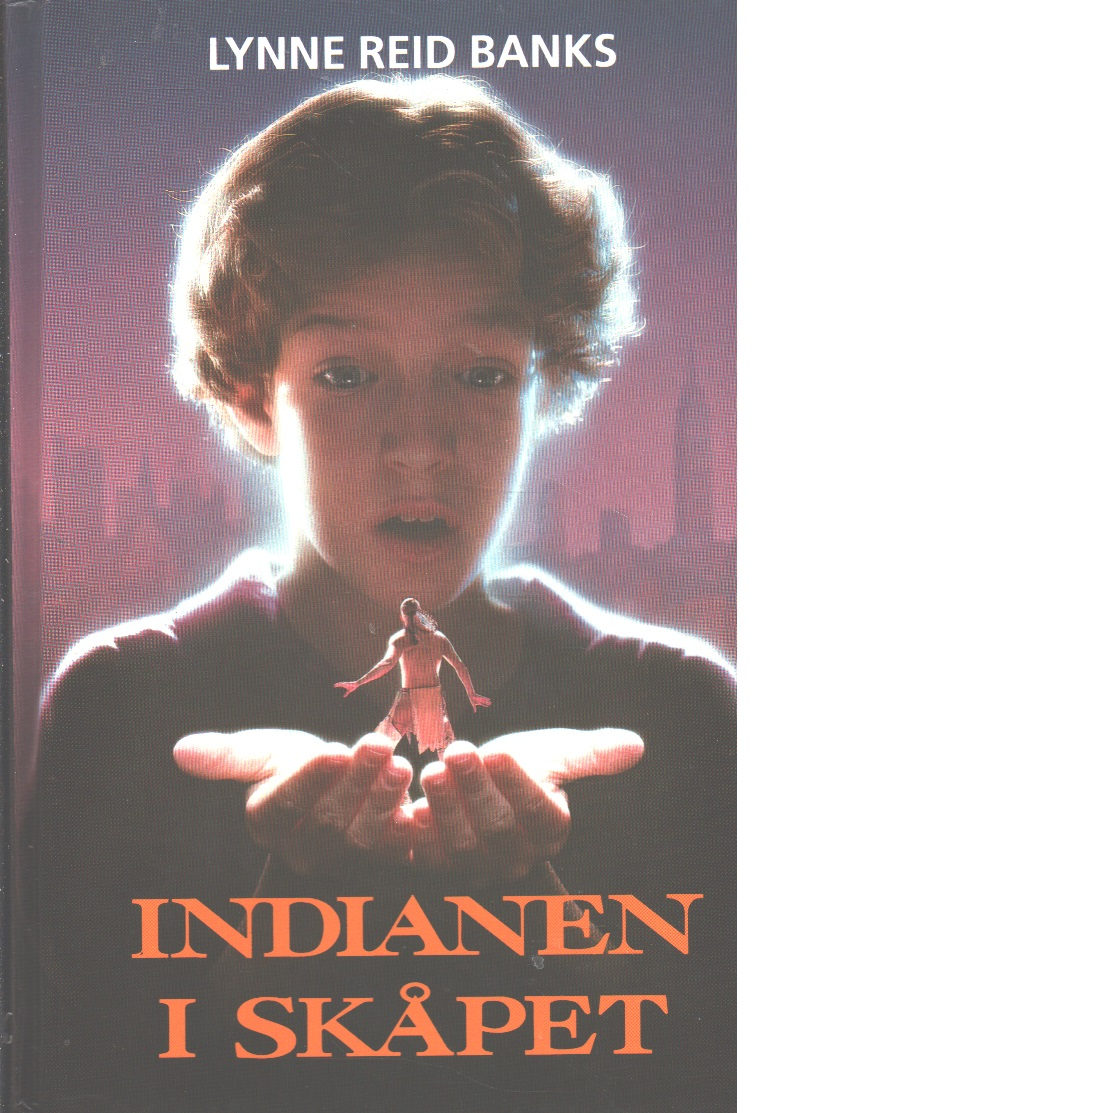 Indianen i skåpet - Banks, Lynne Reid